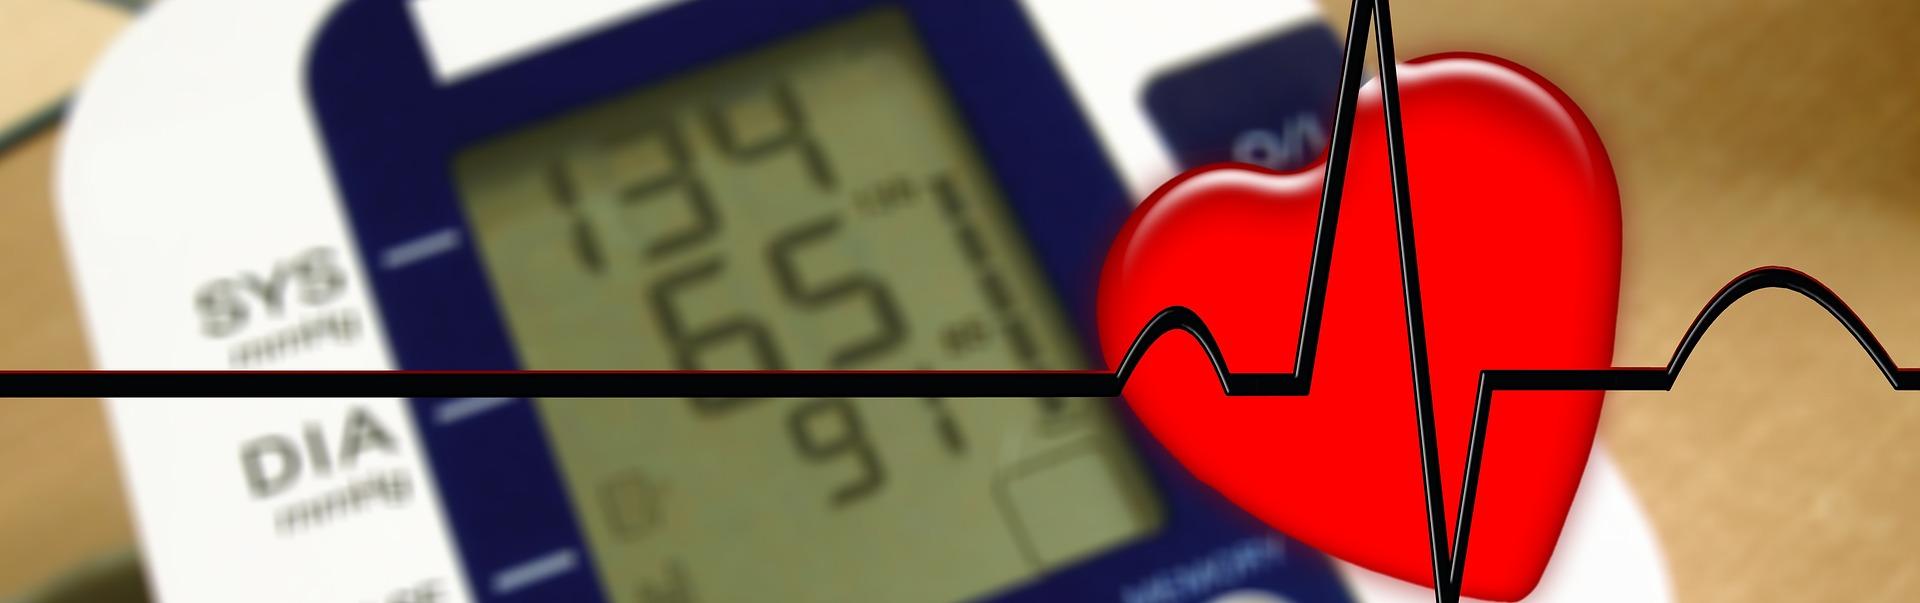 magas vérnyomásban szenvedők vannak regisztrálva